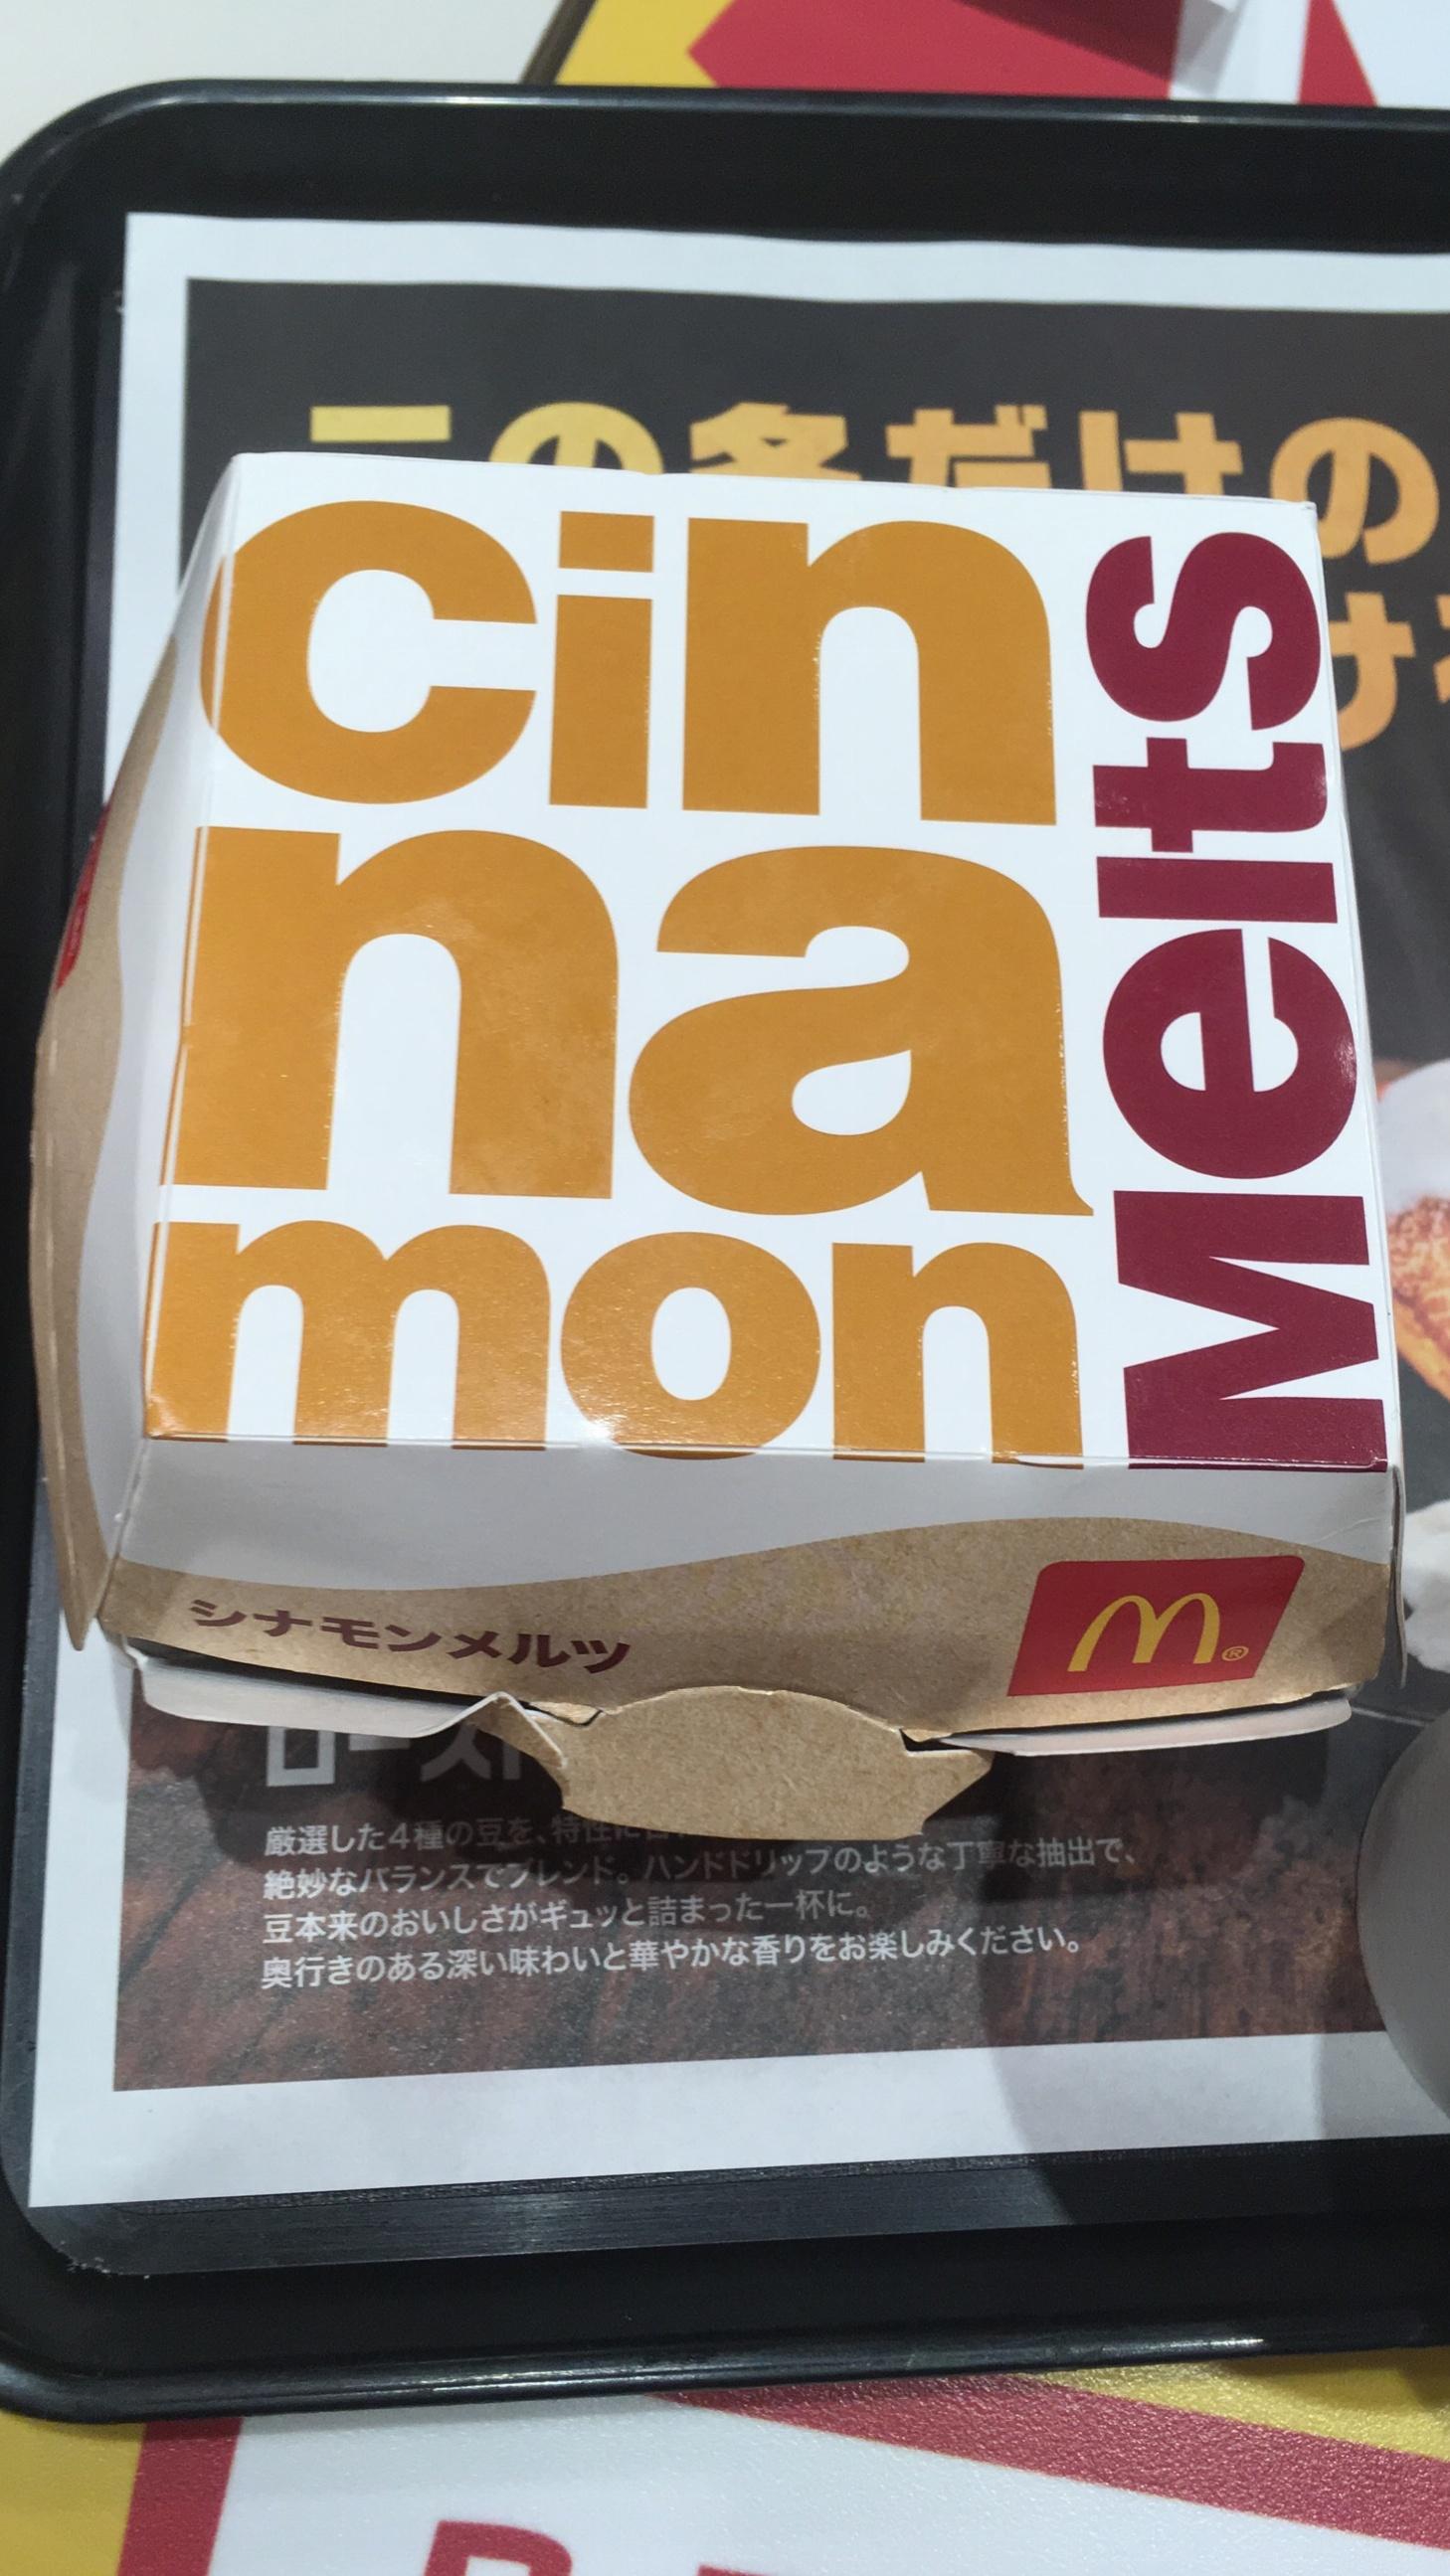 甘とろ♪マクドナルド新商品のシナモンメルツを食べてみました_2